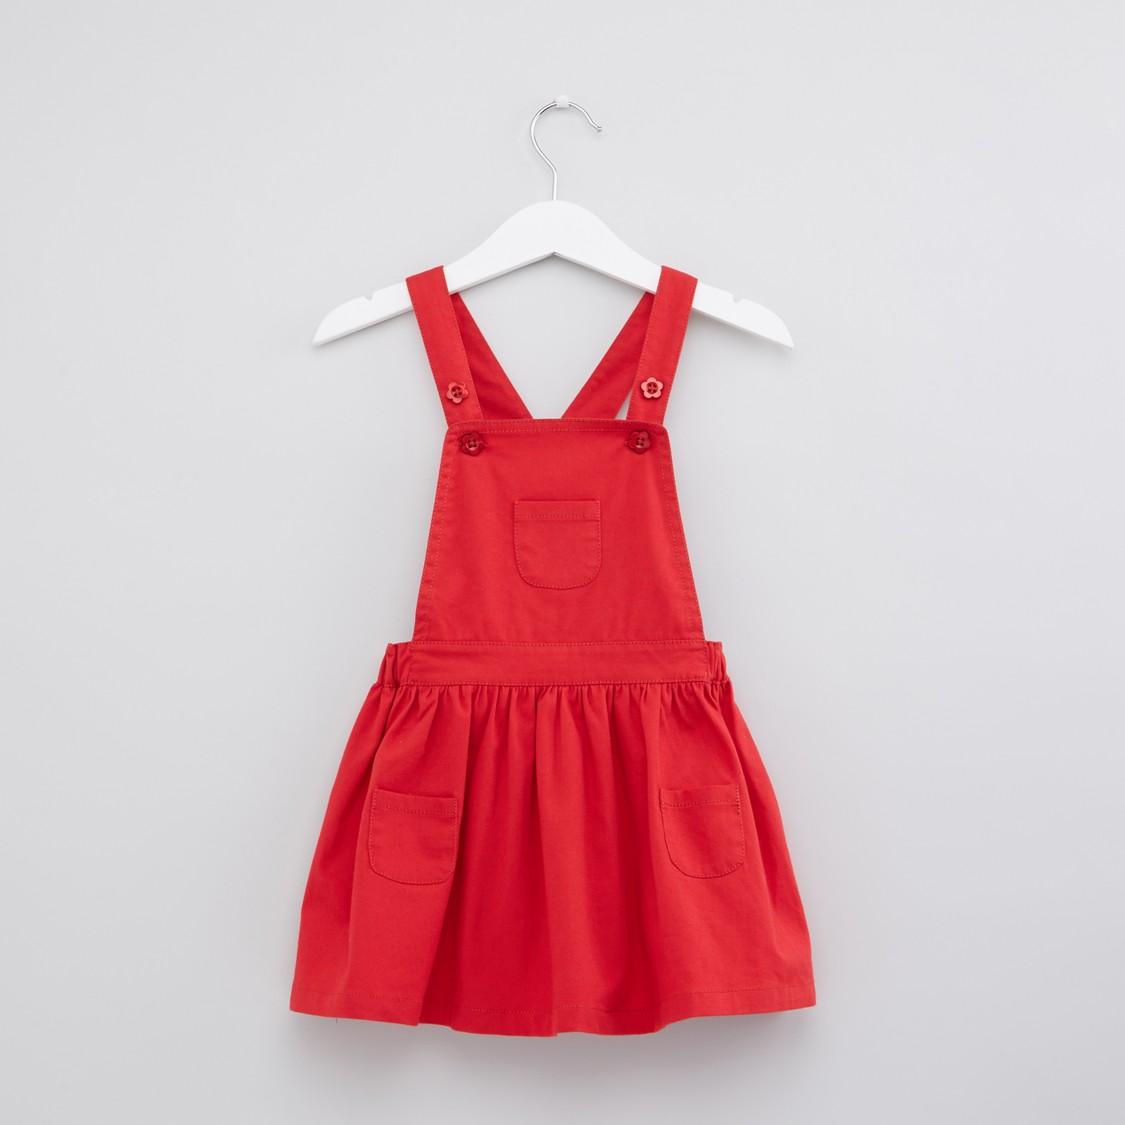 فستان بثقوب وجيوب مع تيشيرت بطبعات